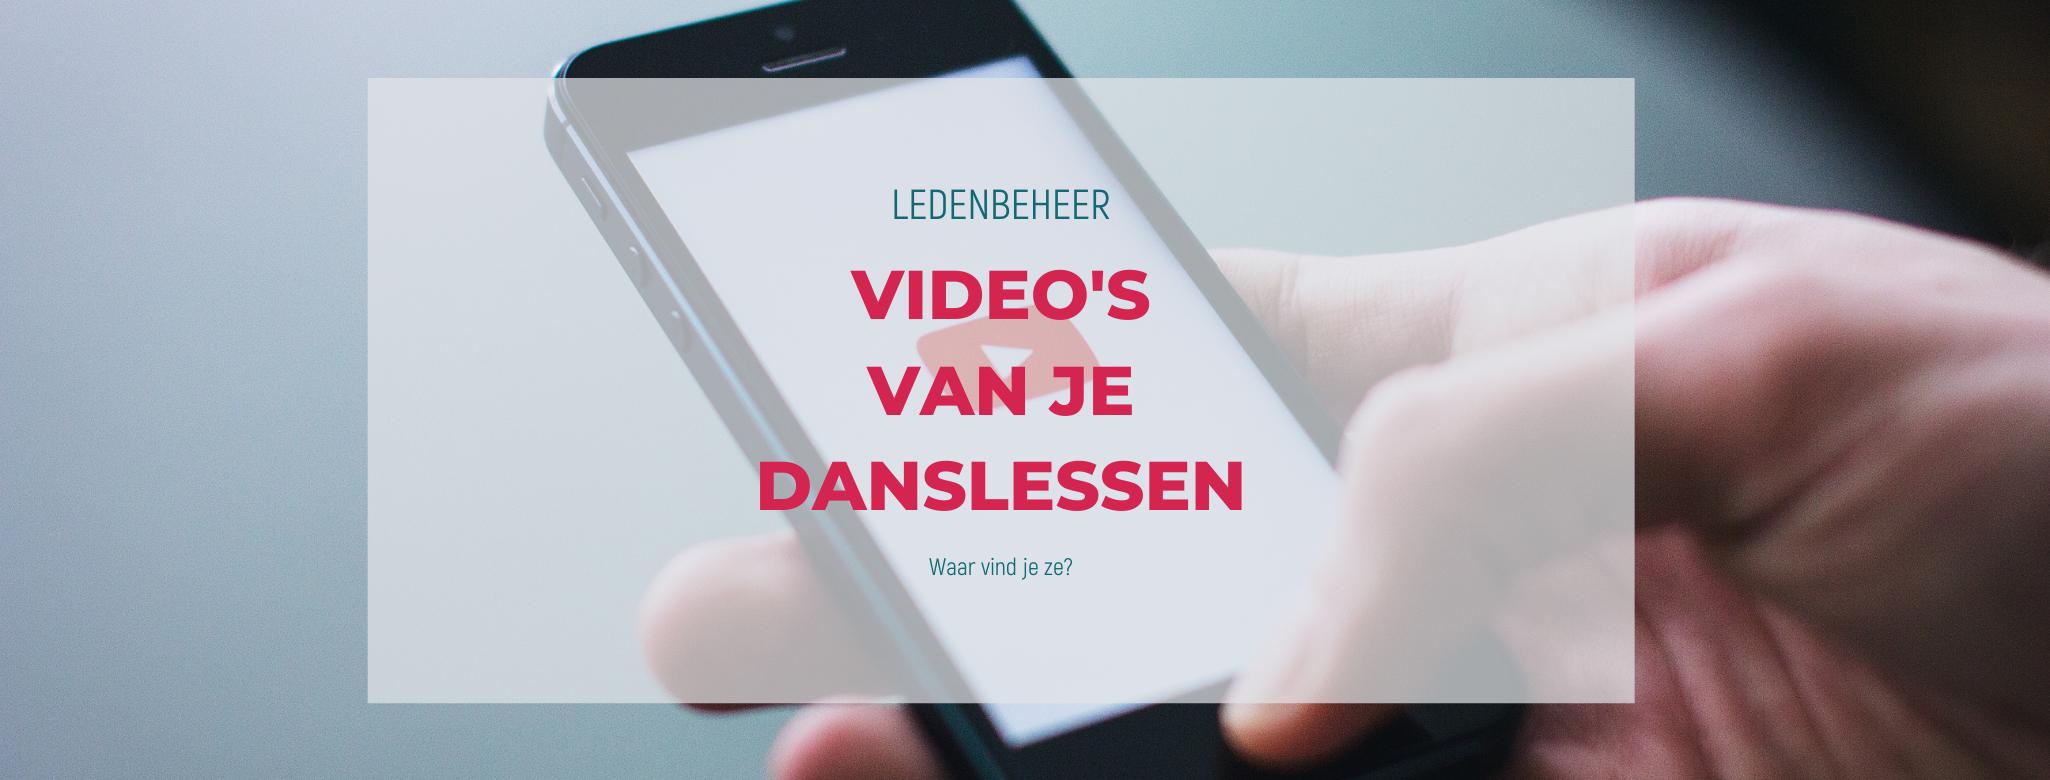 Ledenbeheer: Videozone